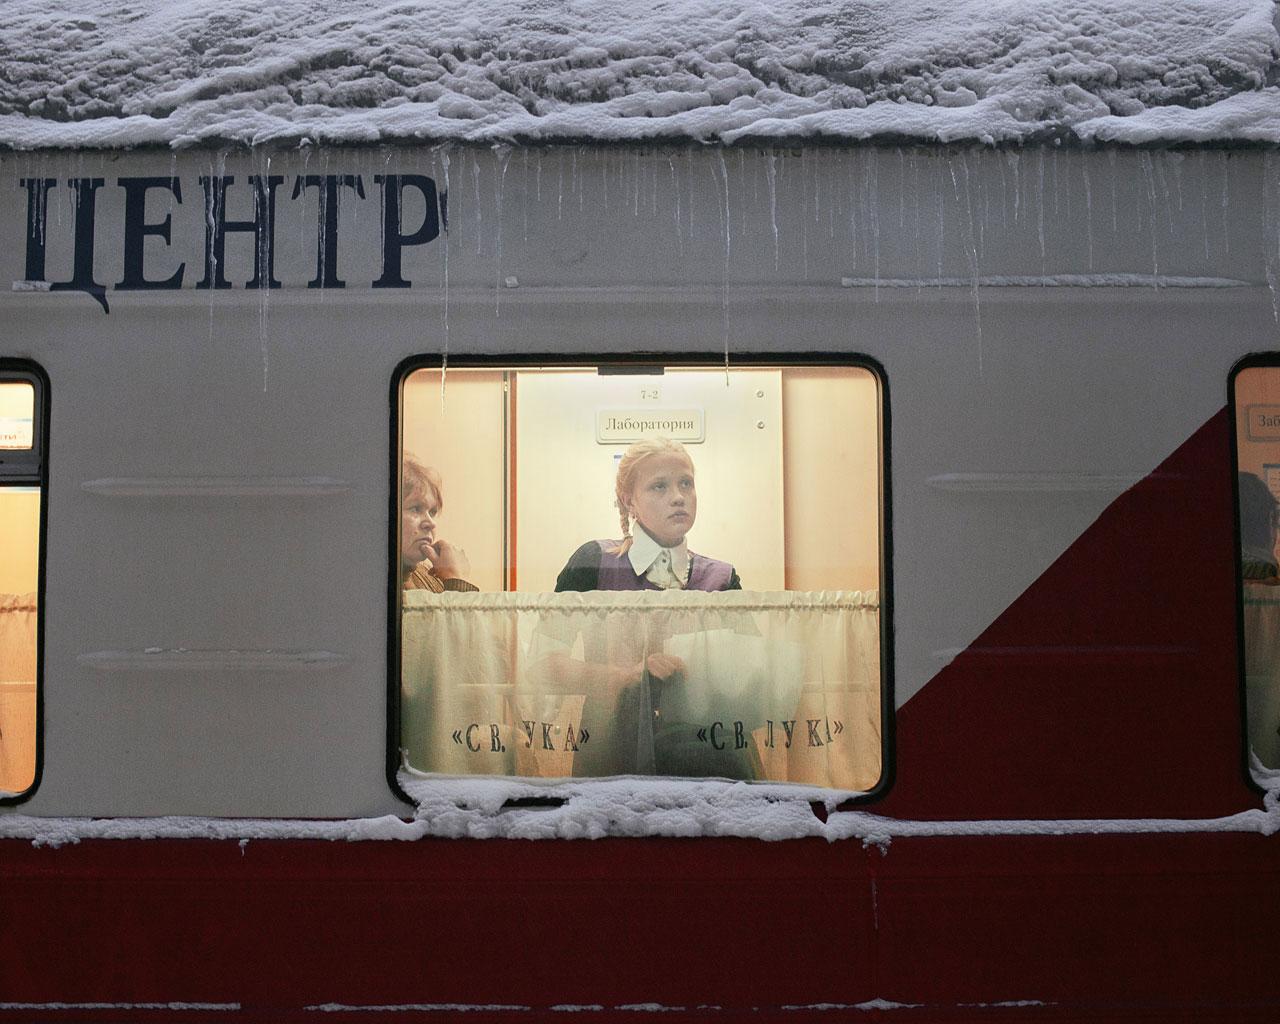 Patienten warten in den engen Gängen des Zuges auf ihre Behandlung und Laborergebnisse. Kuragino, Krasnoyarsk Krai, Russland, 2016. Foto: Emile Ducke